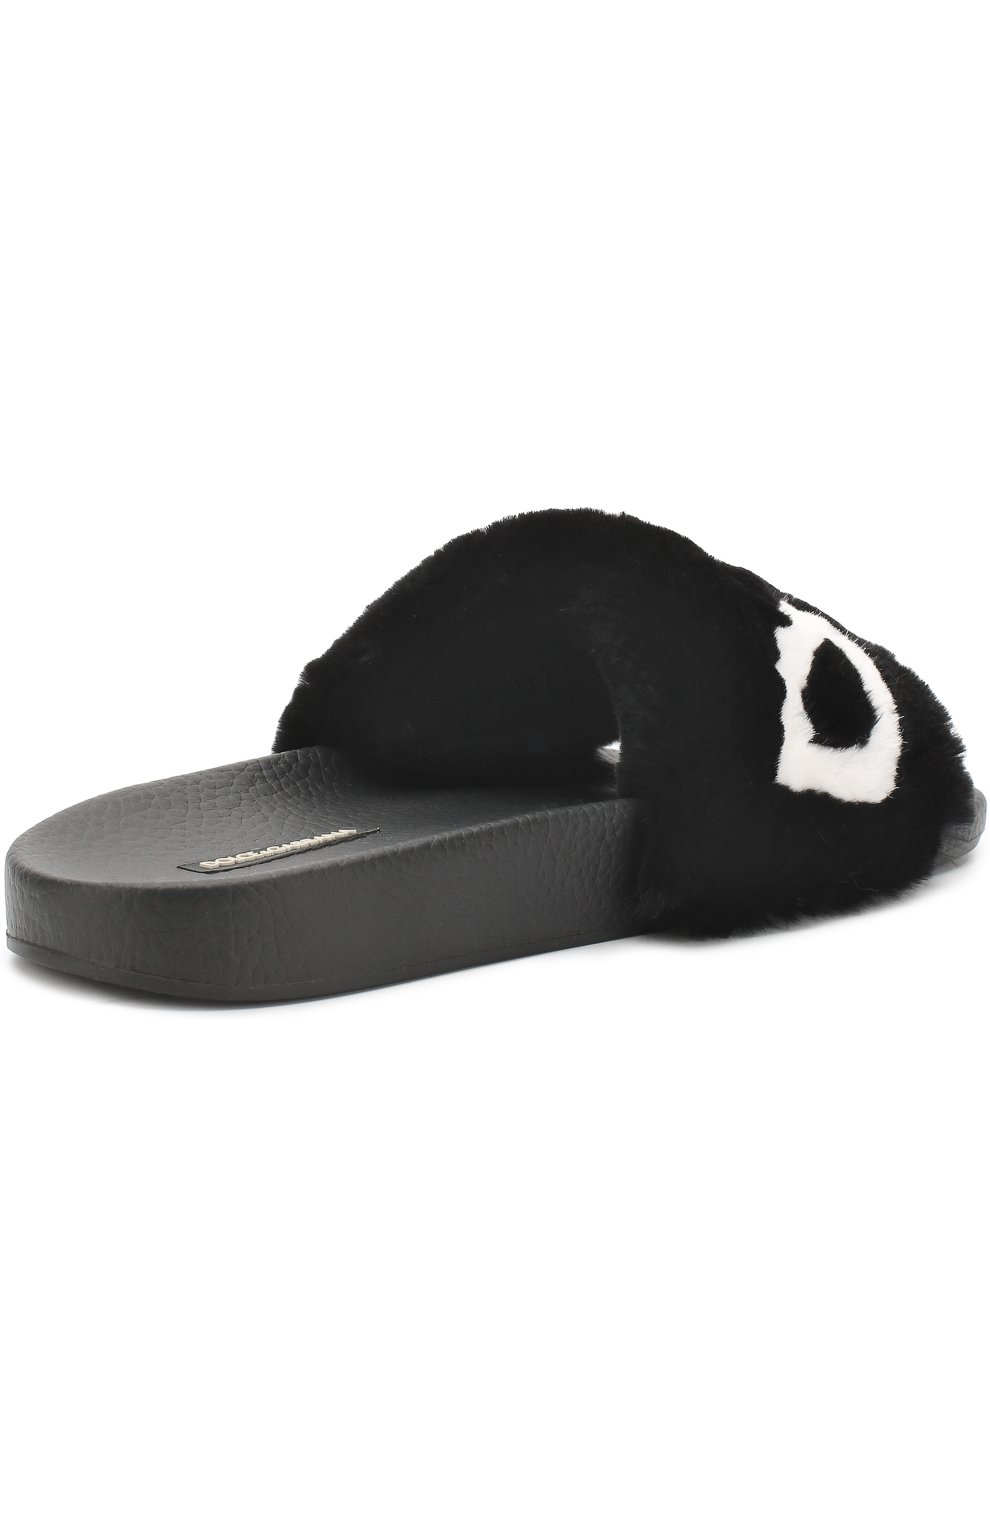 Шлепанцы с отделкой из меха кролика Dolce & Gabbana черные | Фото №4